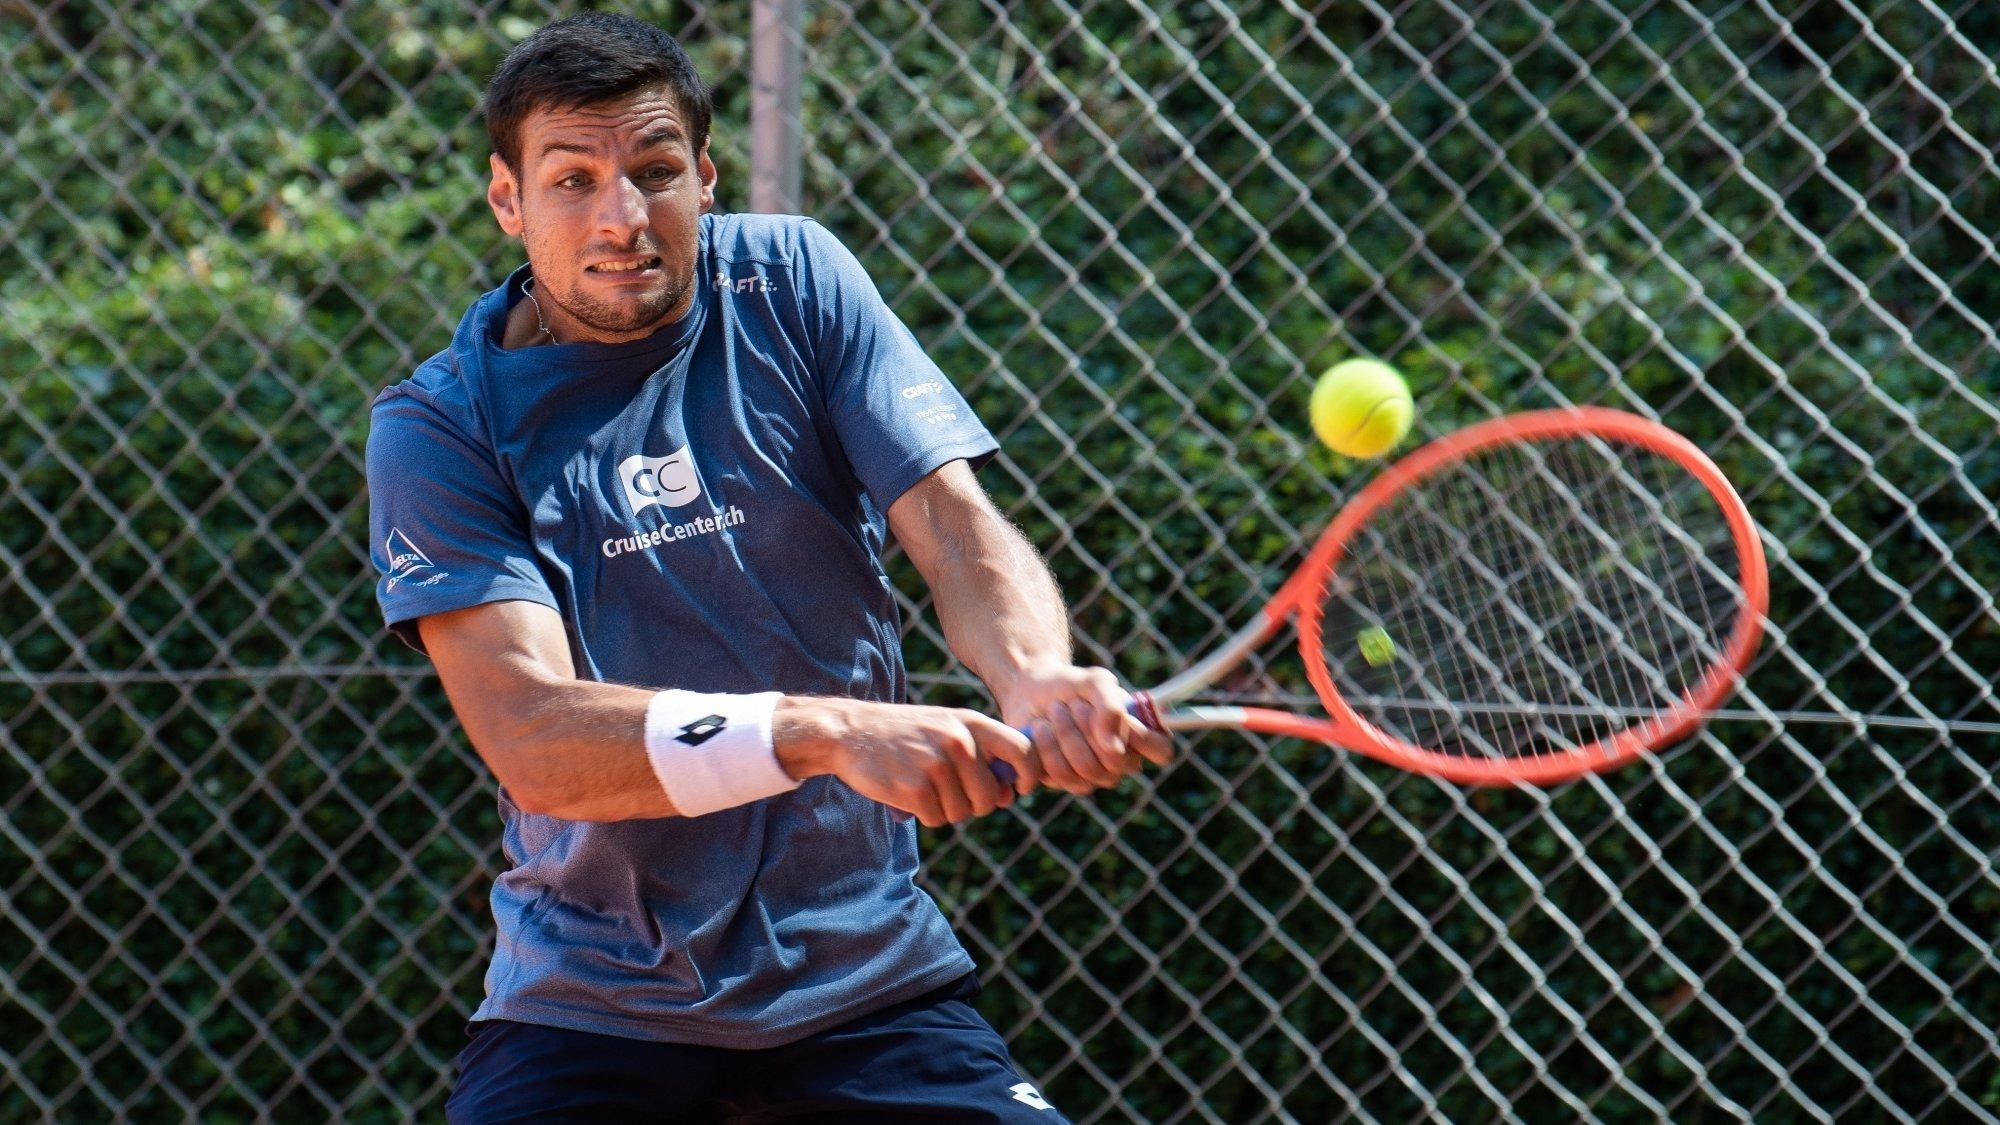 En remportant son simple et son double, Bernabe Zapata Miralles a permis au CT Neuchâtel de conserver sa place en ligue nationale A.